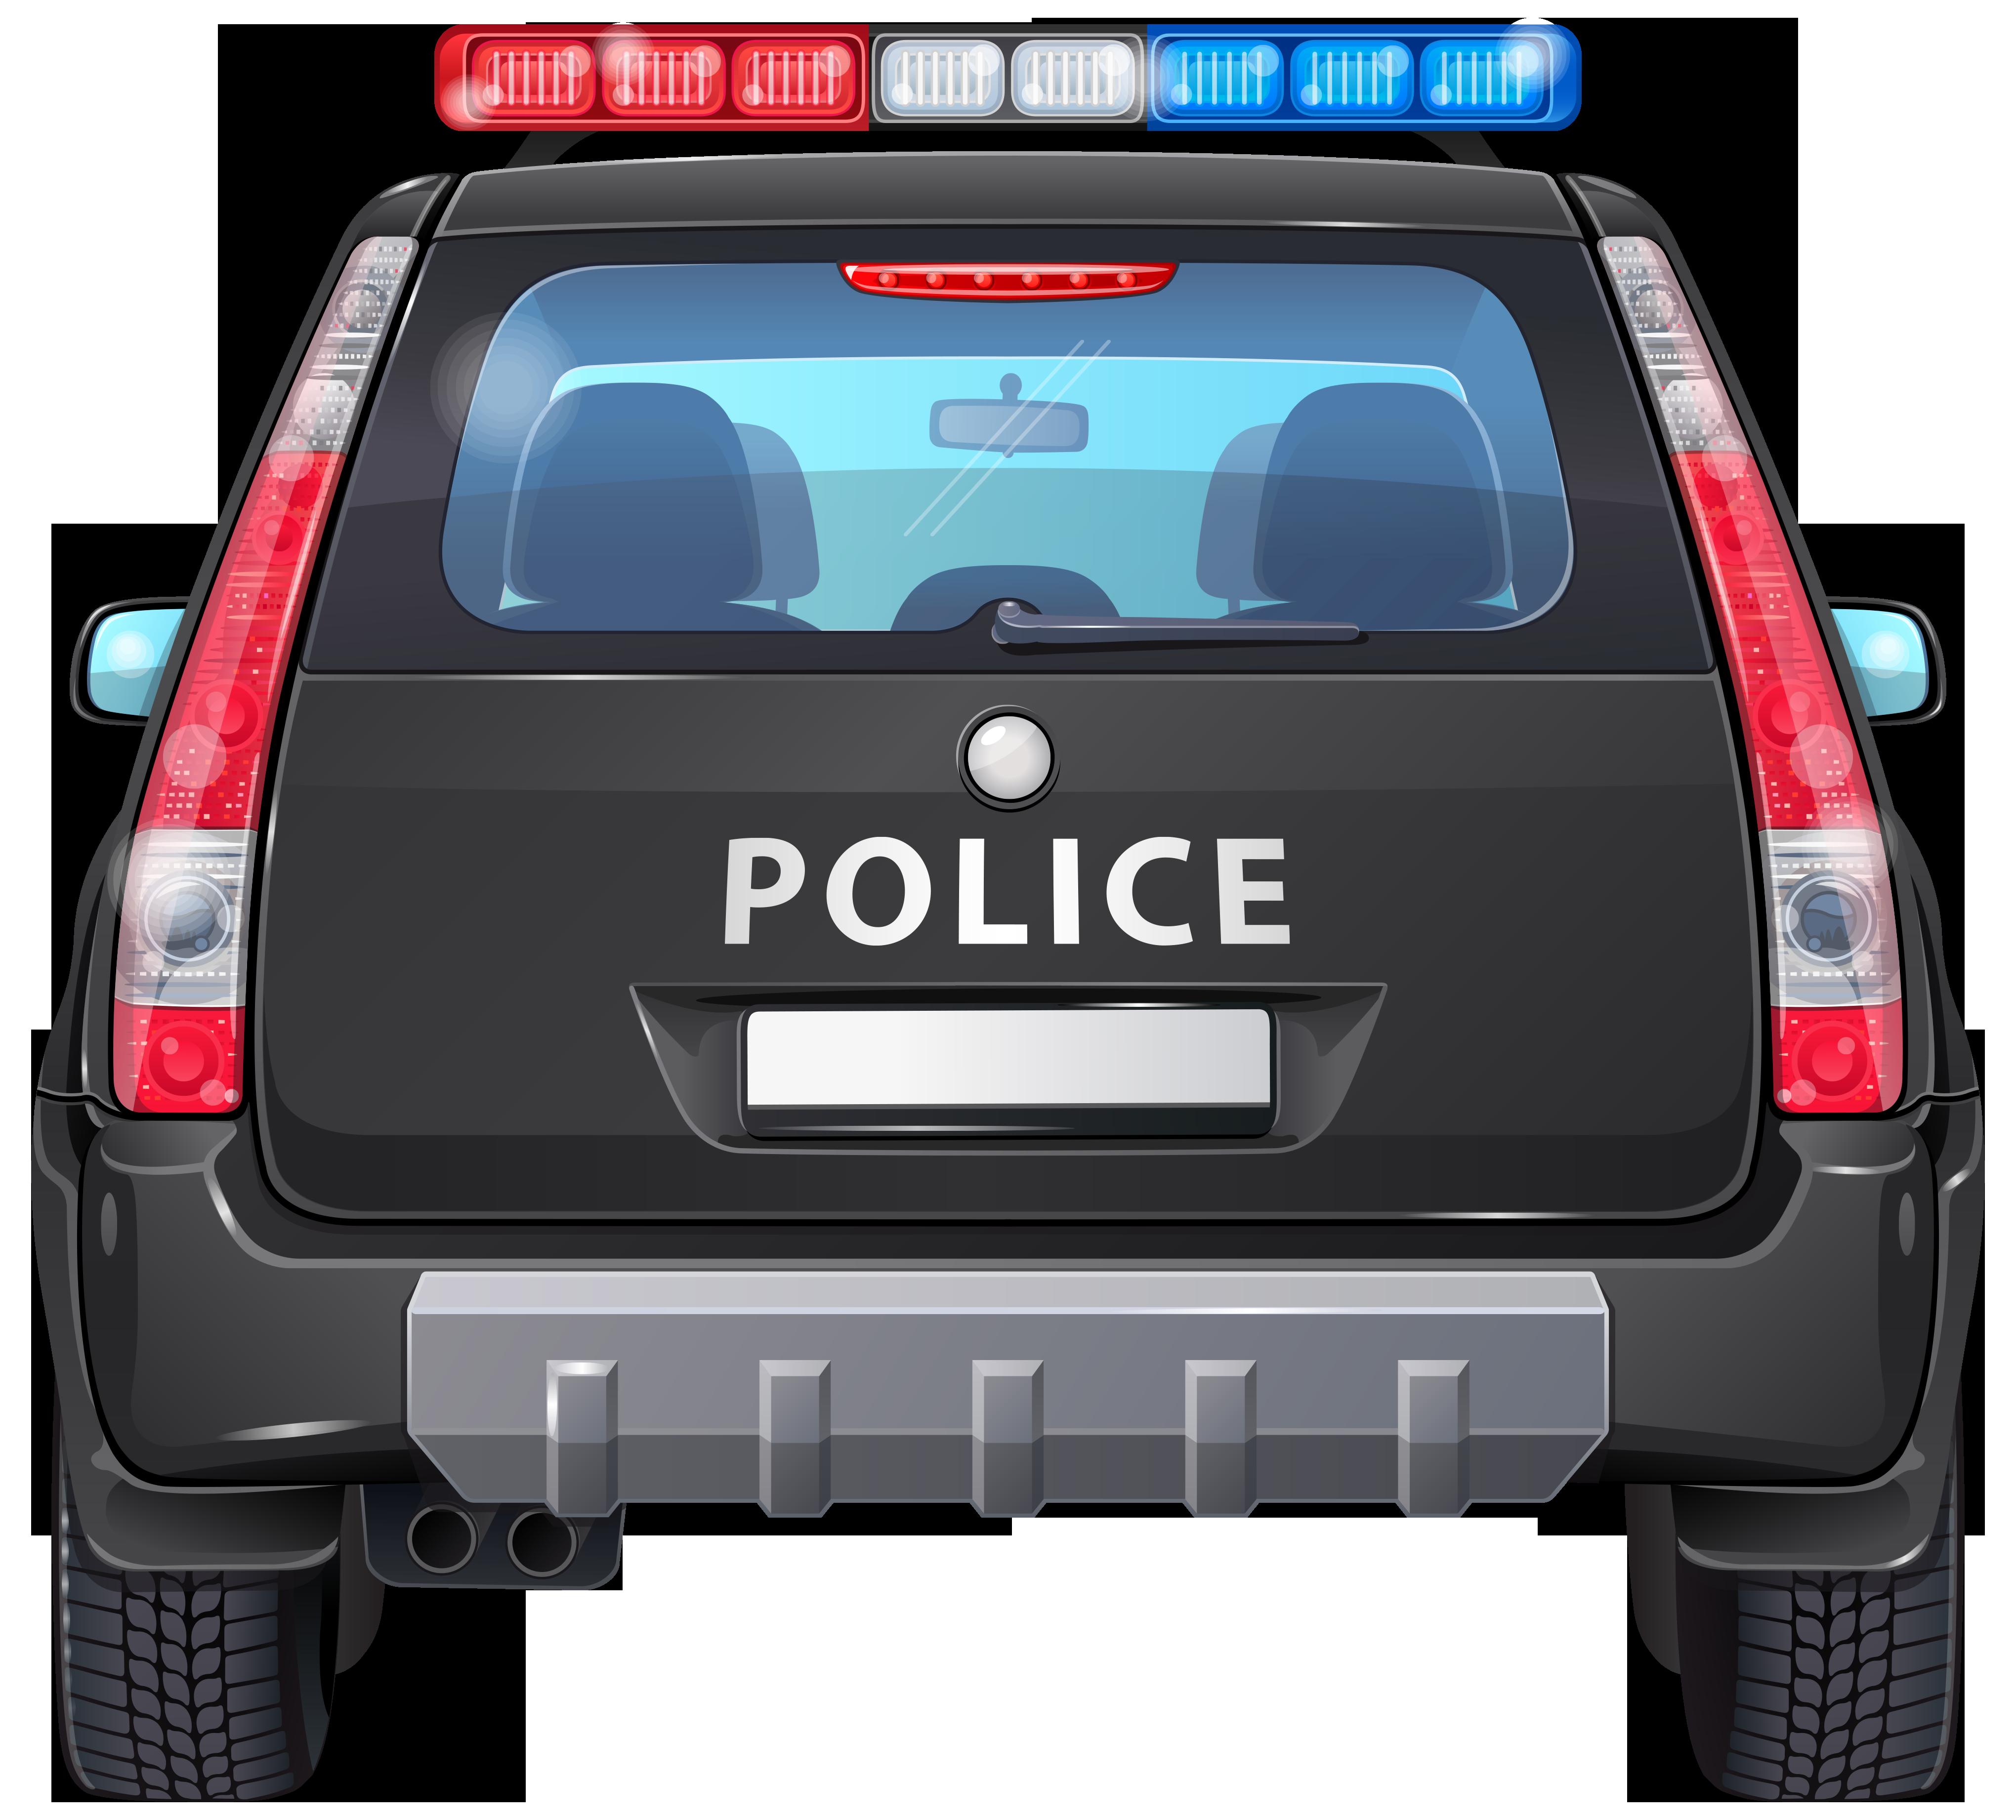 Police Car Back PNG Clip Art Image.